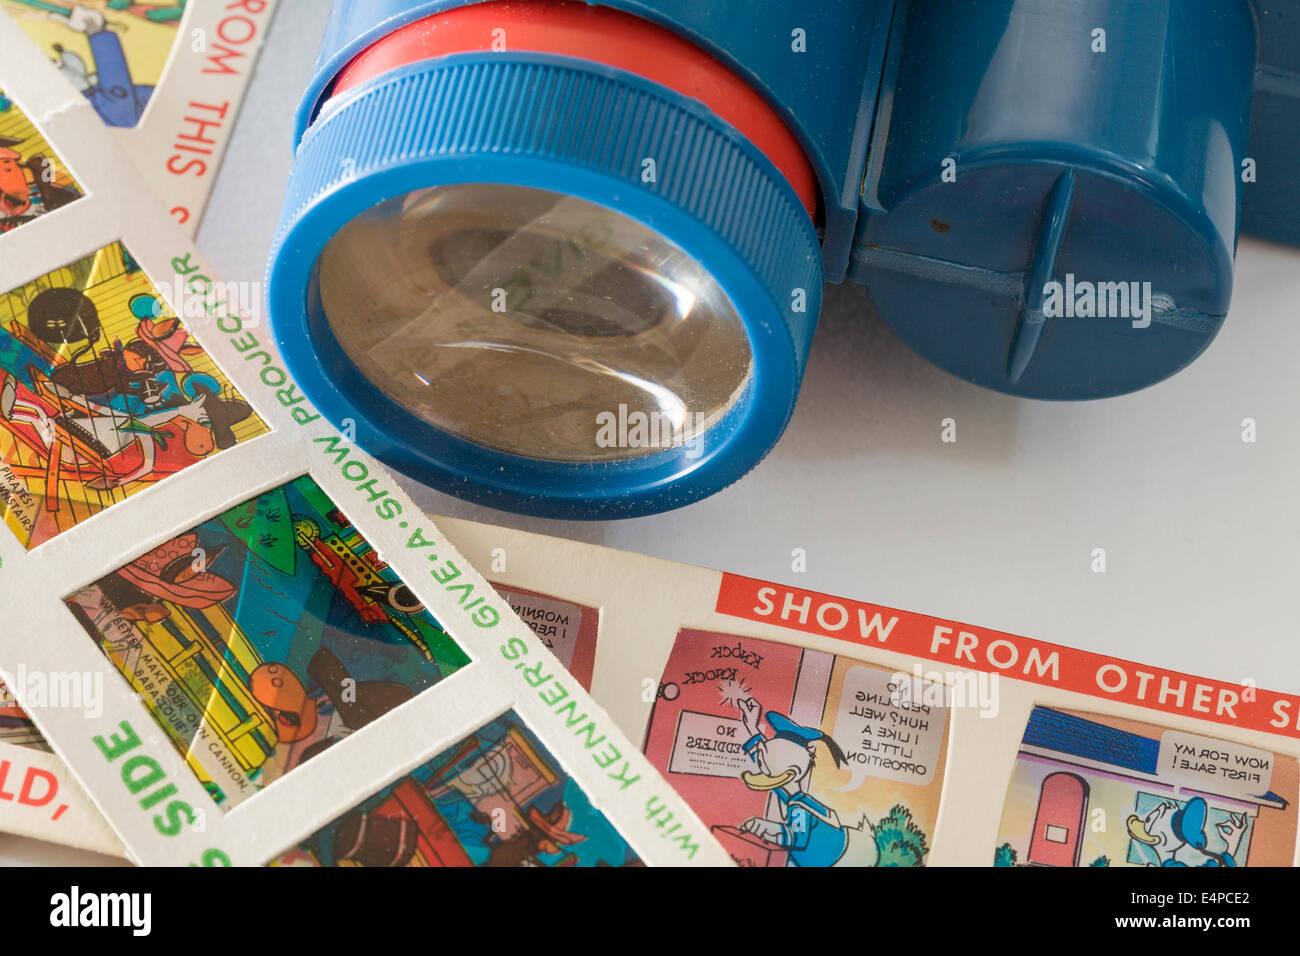 Kenner der Give-a-Show Projektor. Batteriebetriebenes Spielzeug Projektor mit einer Auswahl von Cartoons für Stockbild